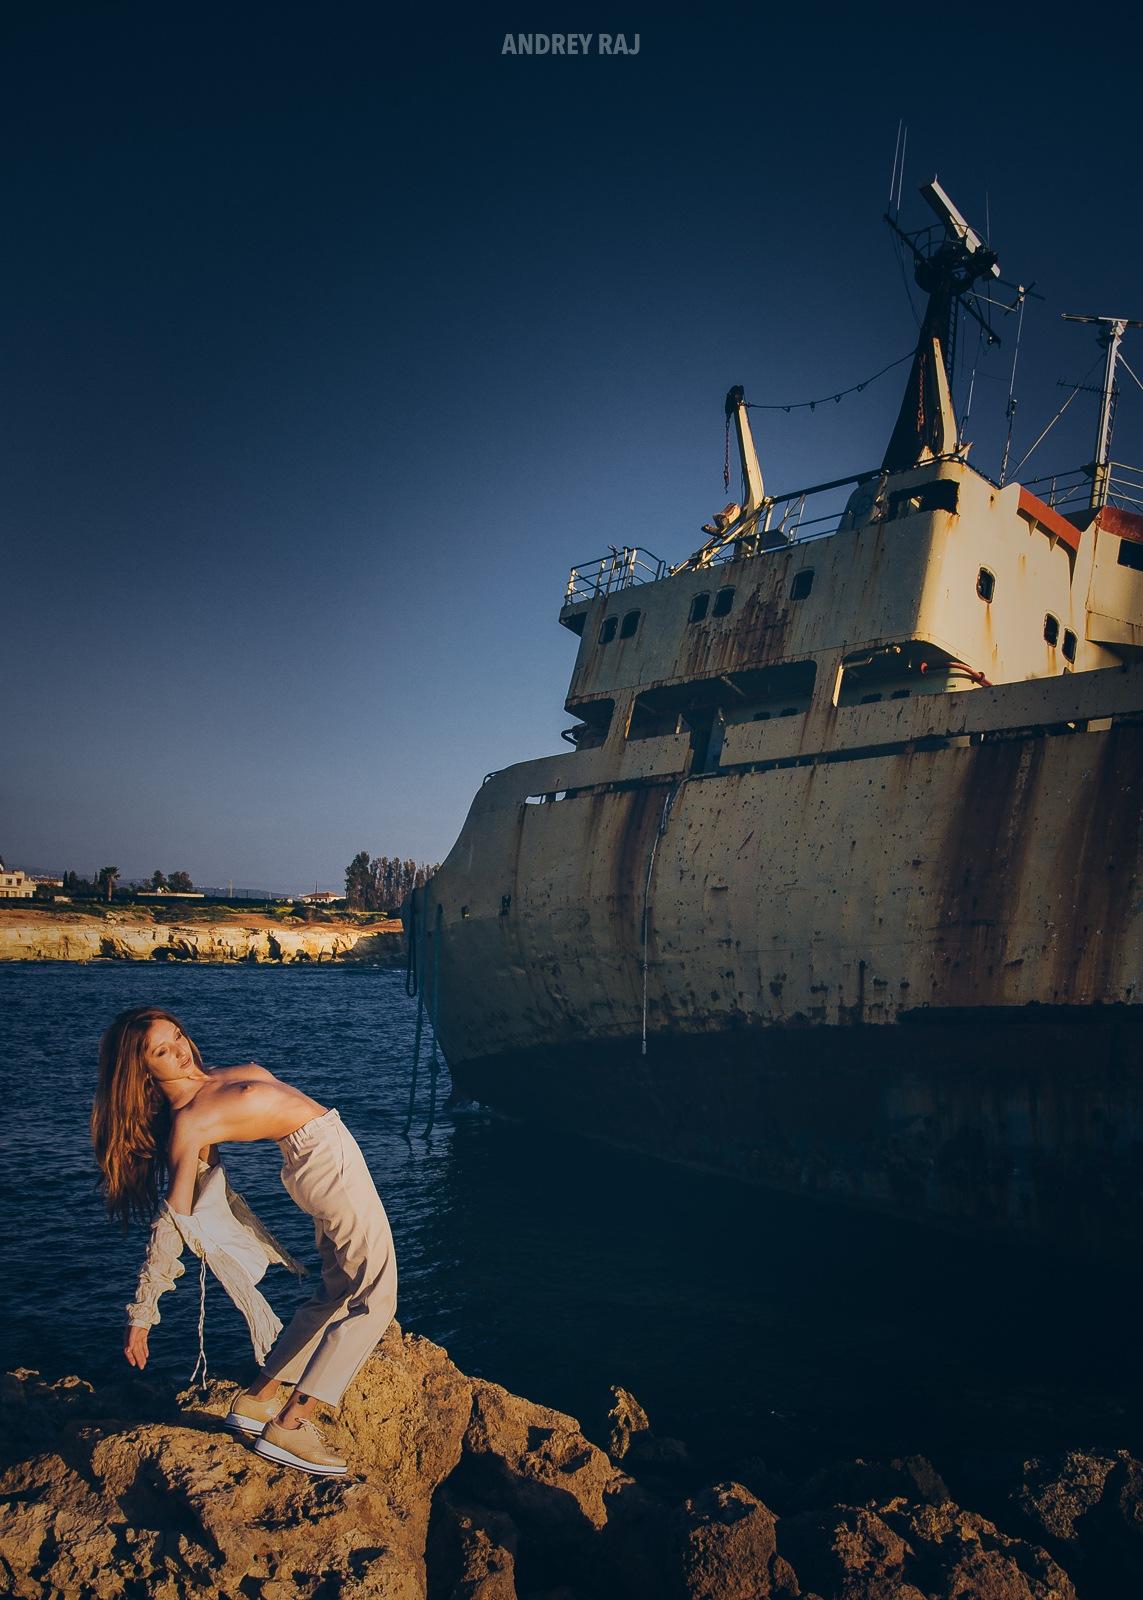 Ship Fox by Andrey Raj